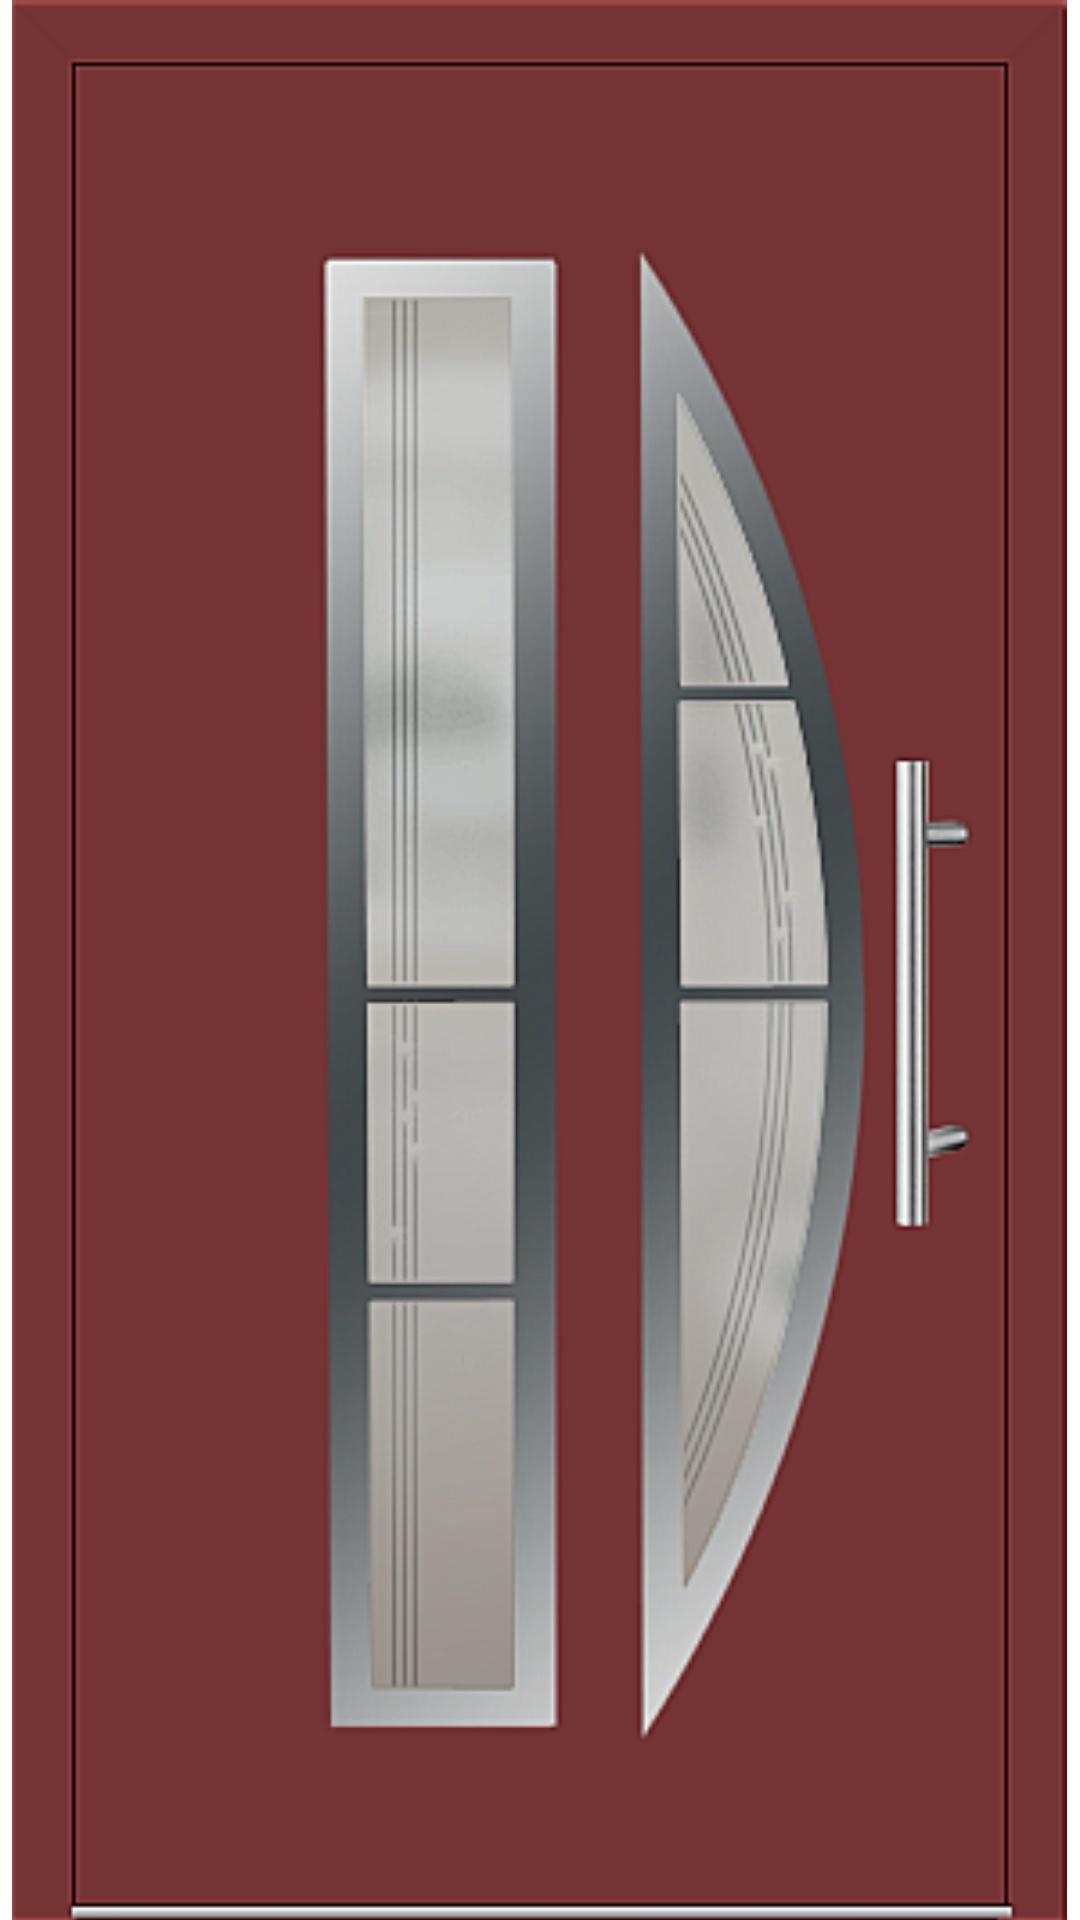 Aluminium Haustür Modell 6525-75 rubinrot